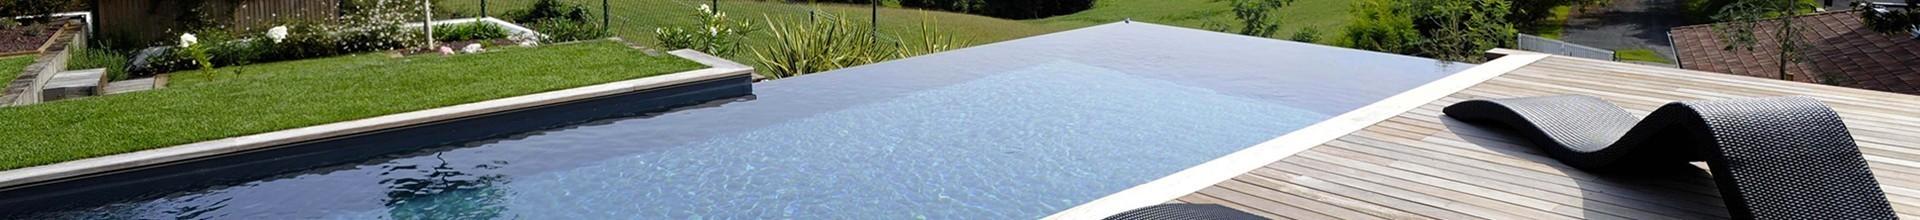 ✅ Rhône Alpes Kit piscine béton Puy-de-Dôme. Fabricant